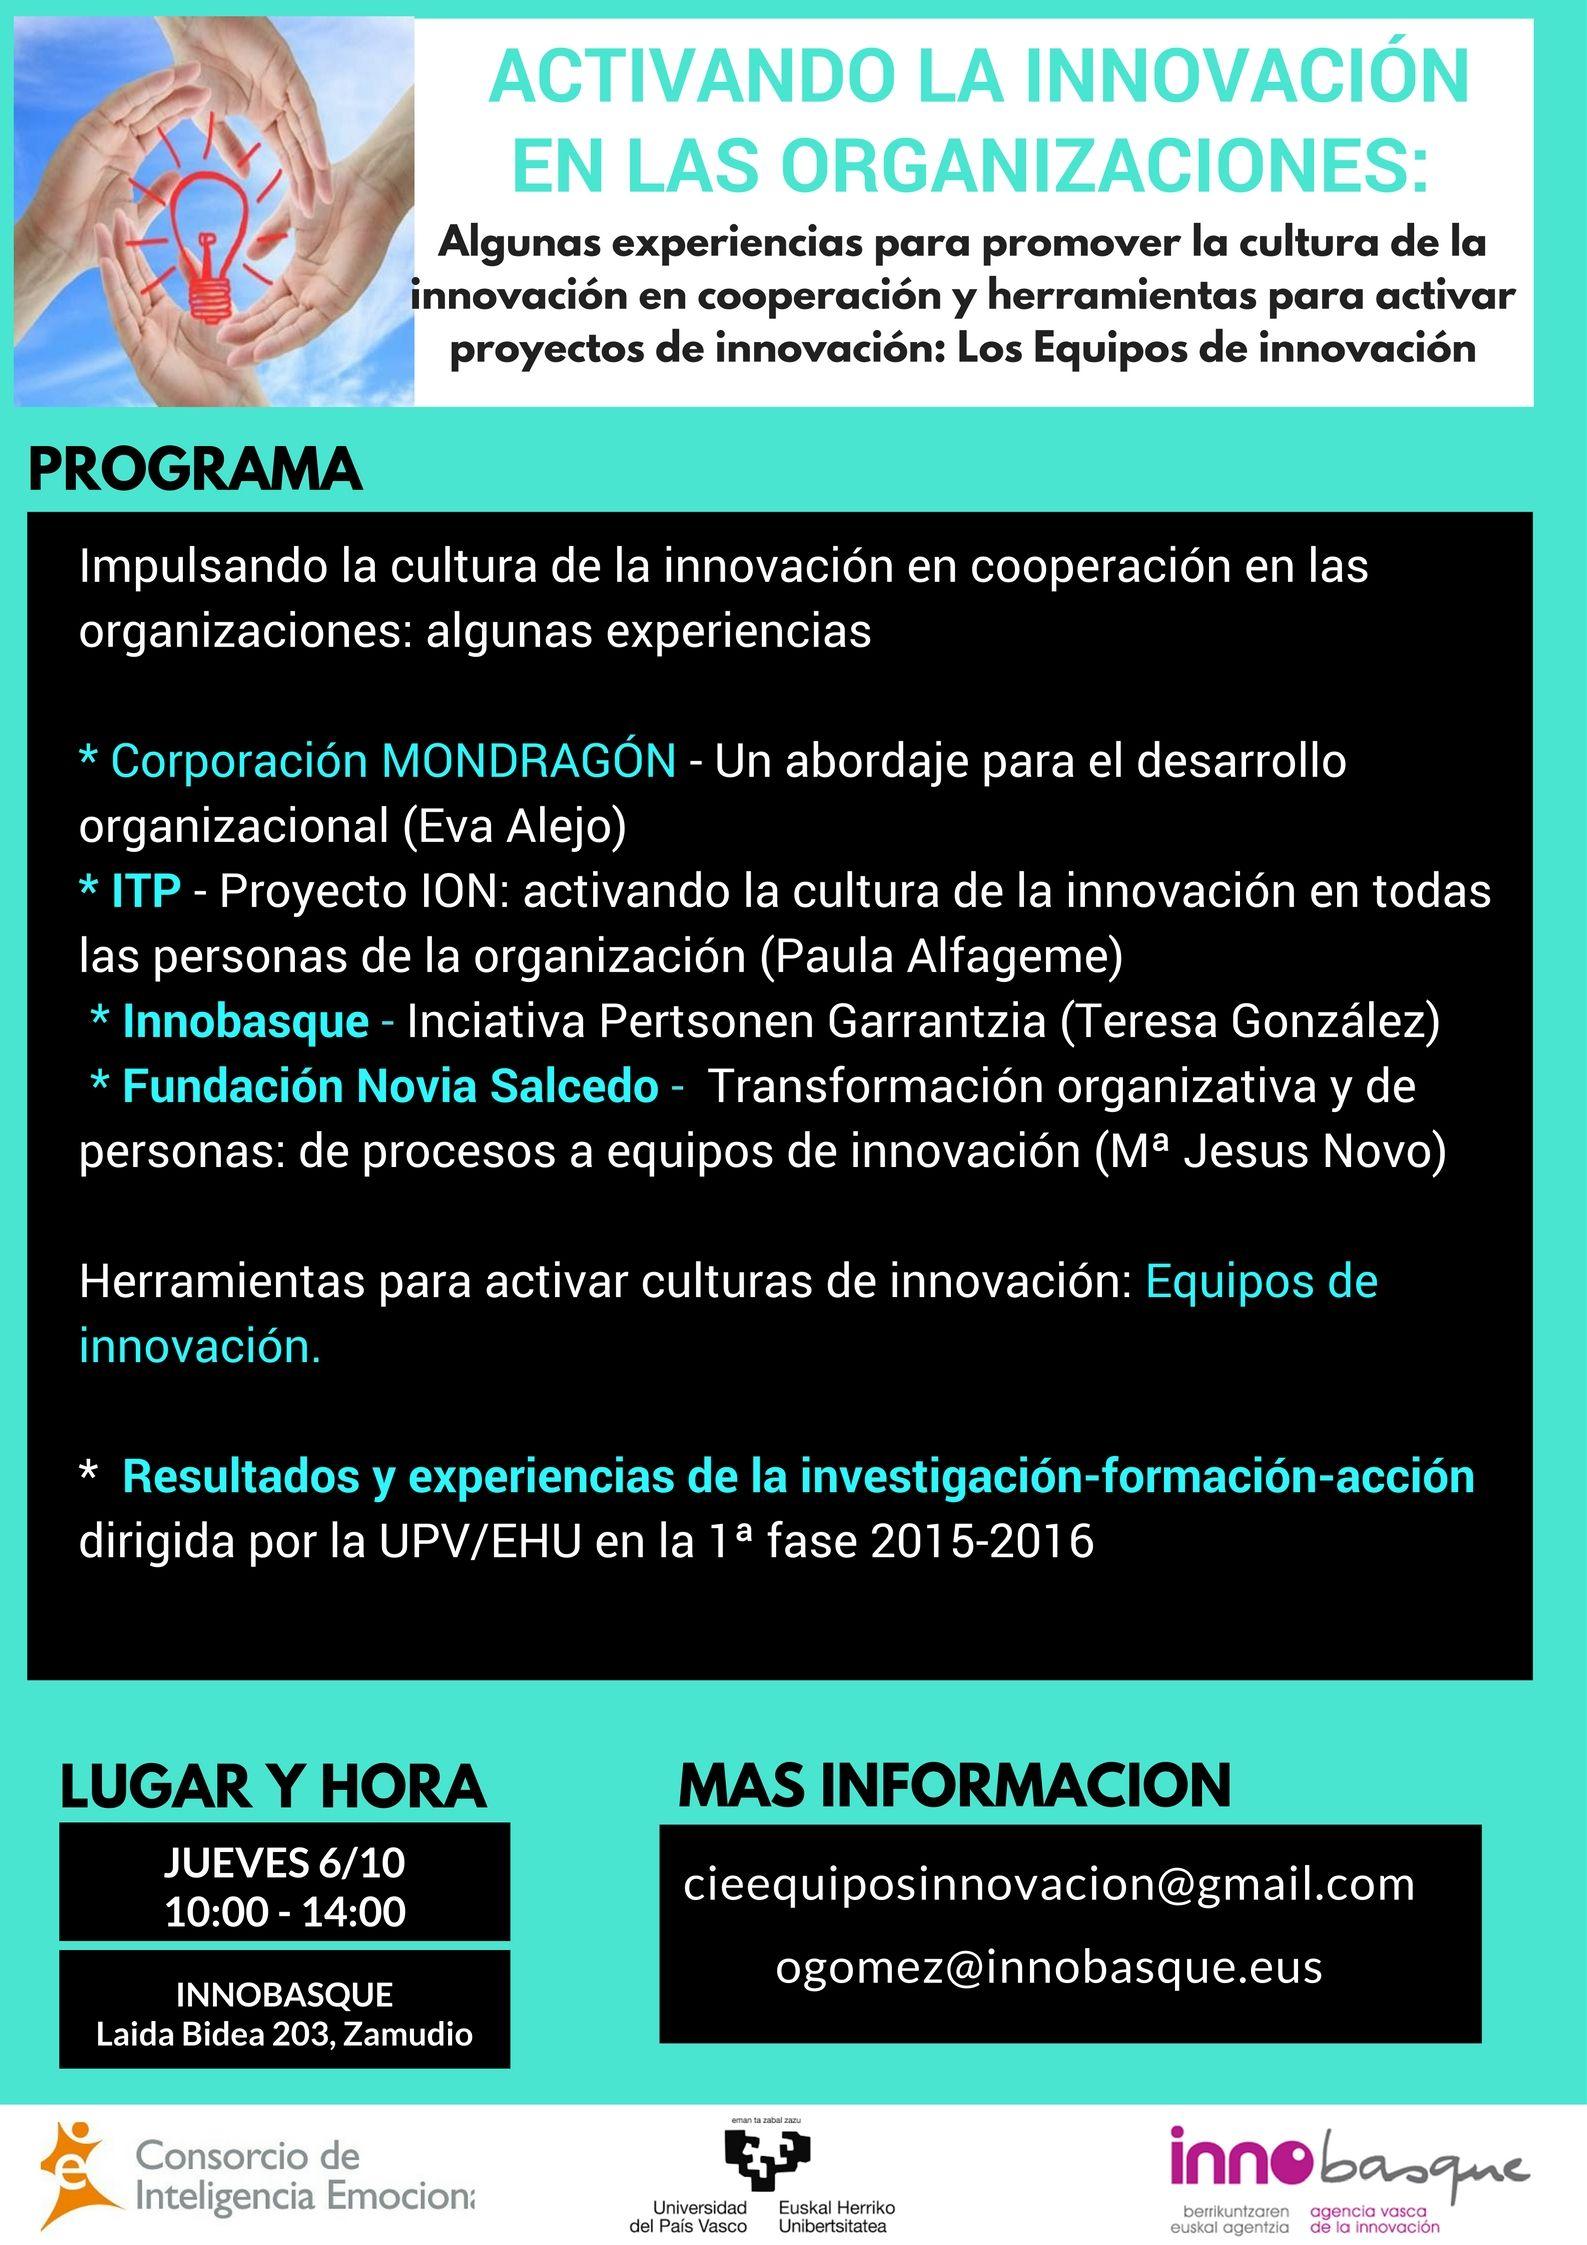 invitacion-eq-innovacion-6-10